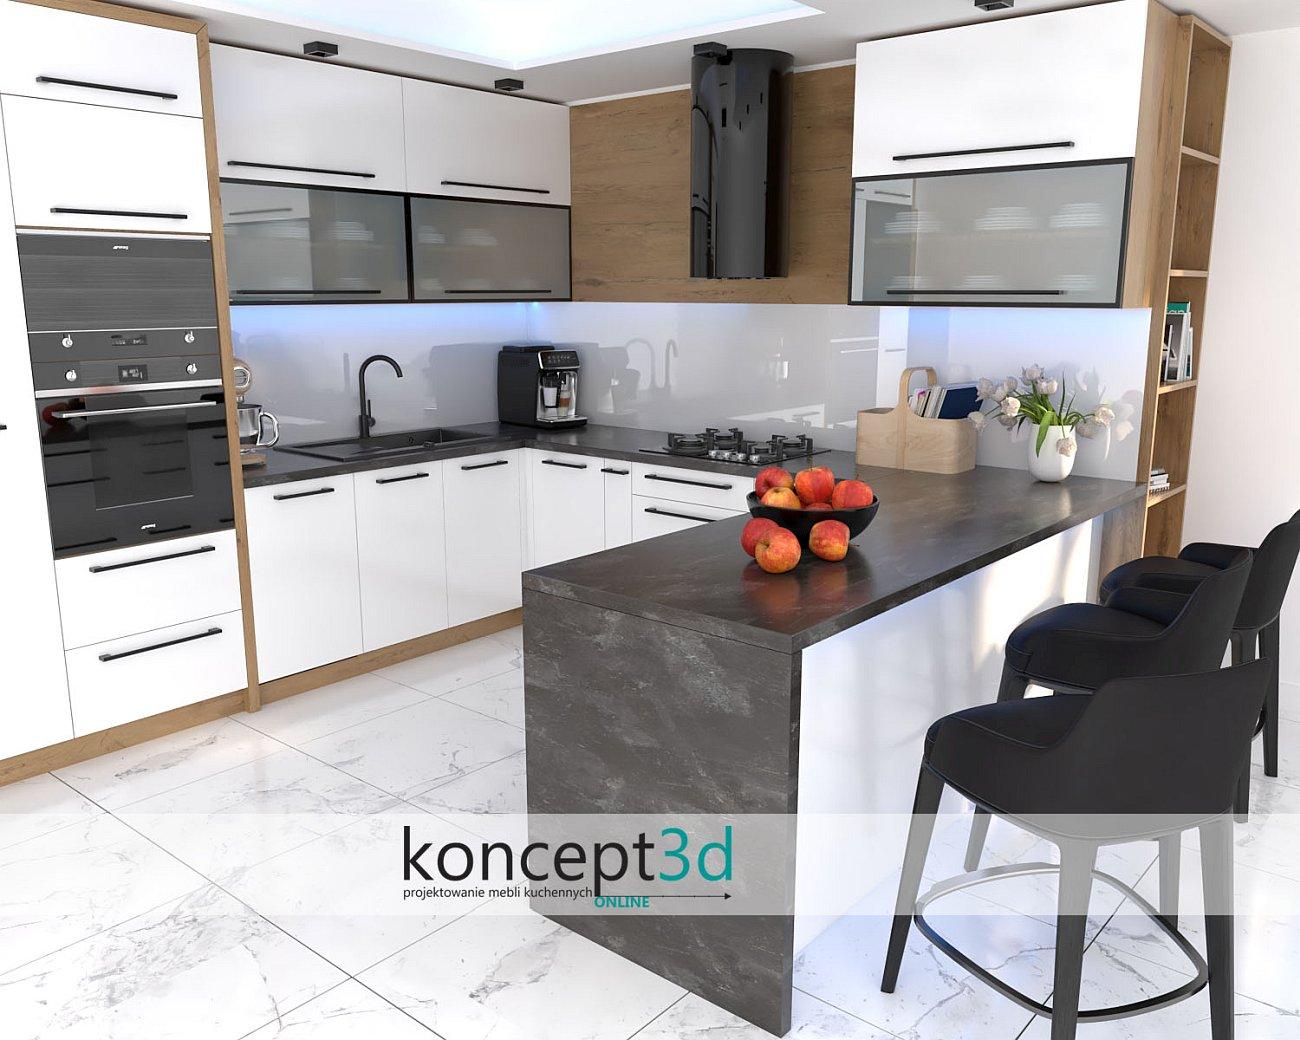 Biała kuchnia z blatem Kronospan 3079 RS Black Oxide   blaty laminowane do kuchni   koncept3d aranżacje kuchni